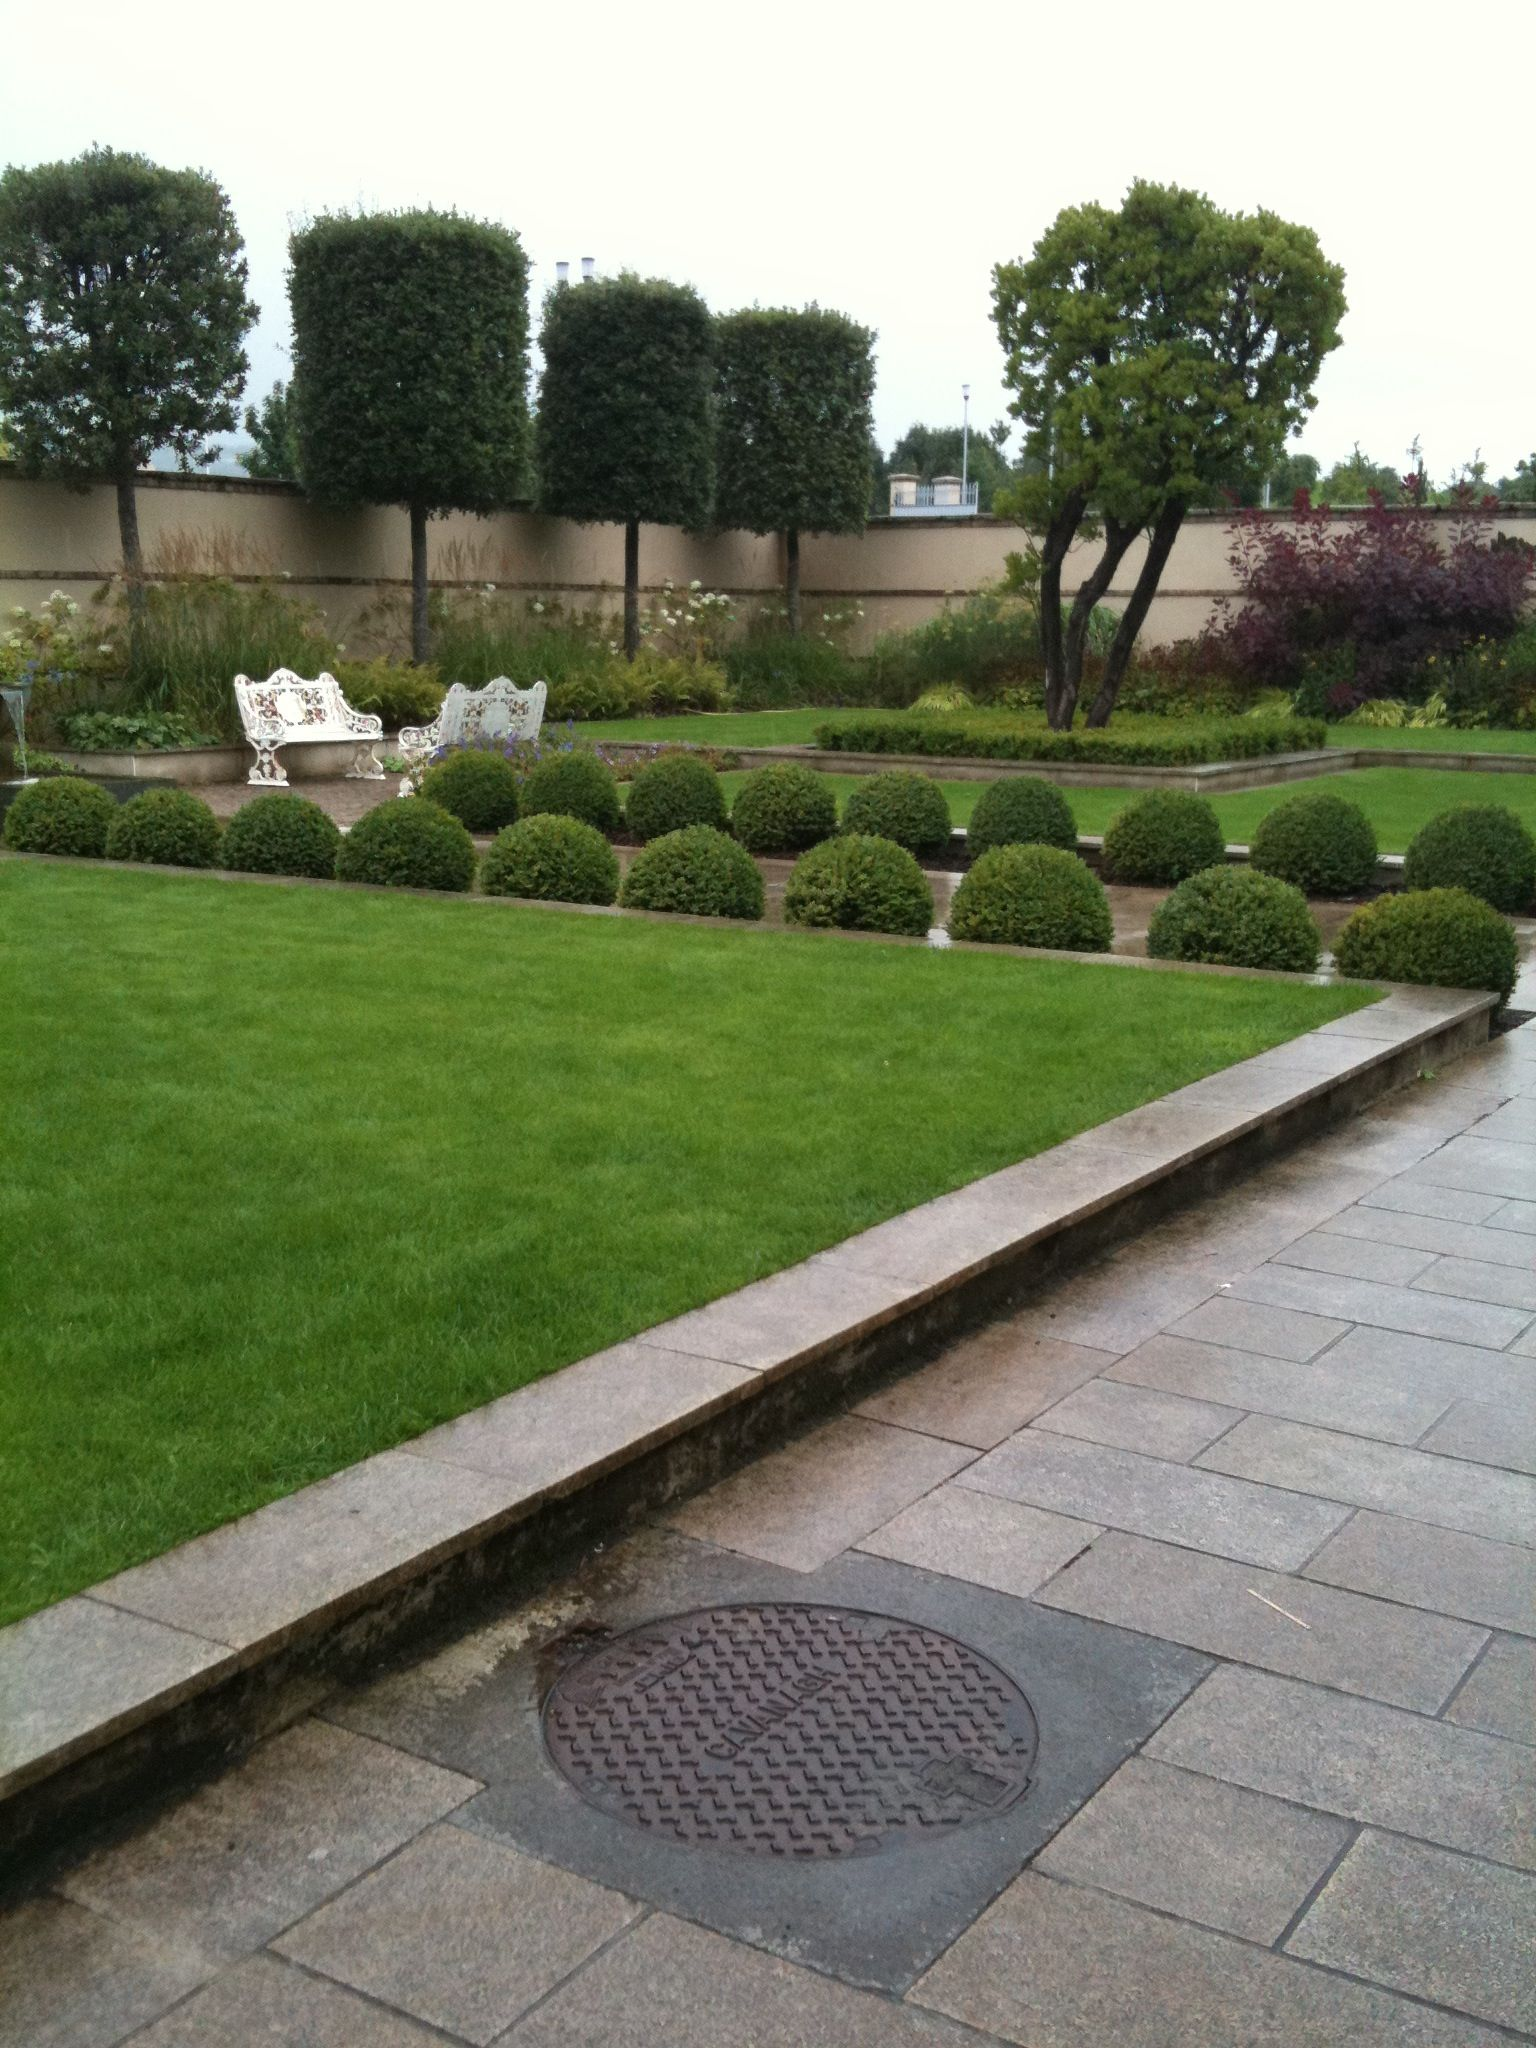 The Garden At Avoca Shop On Naas Rd Dublin Ireland Ireland Outdoor Gardens Places